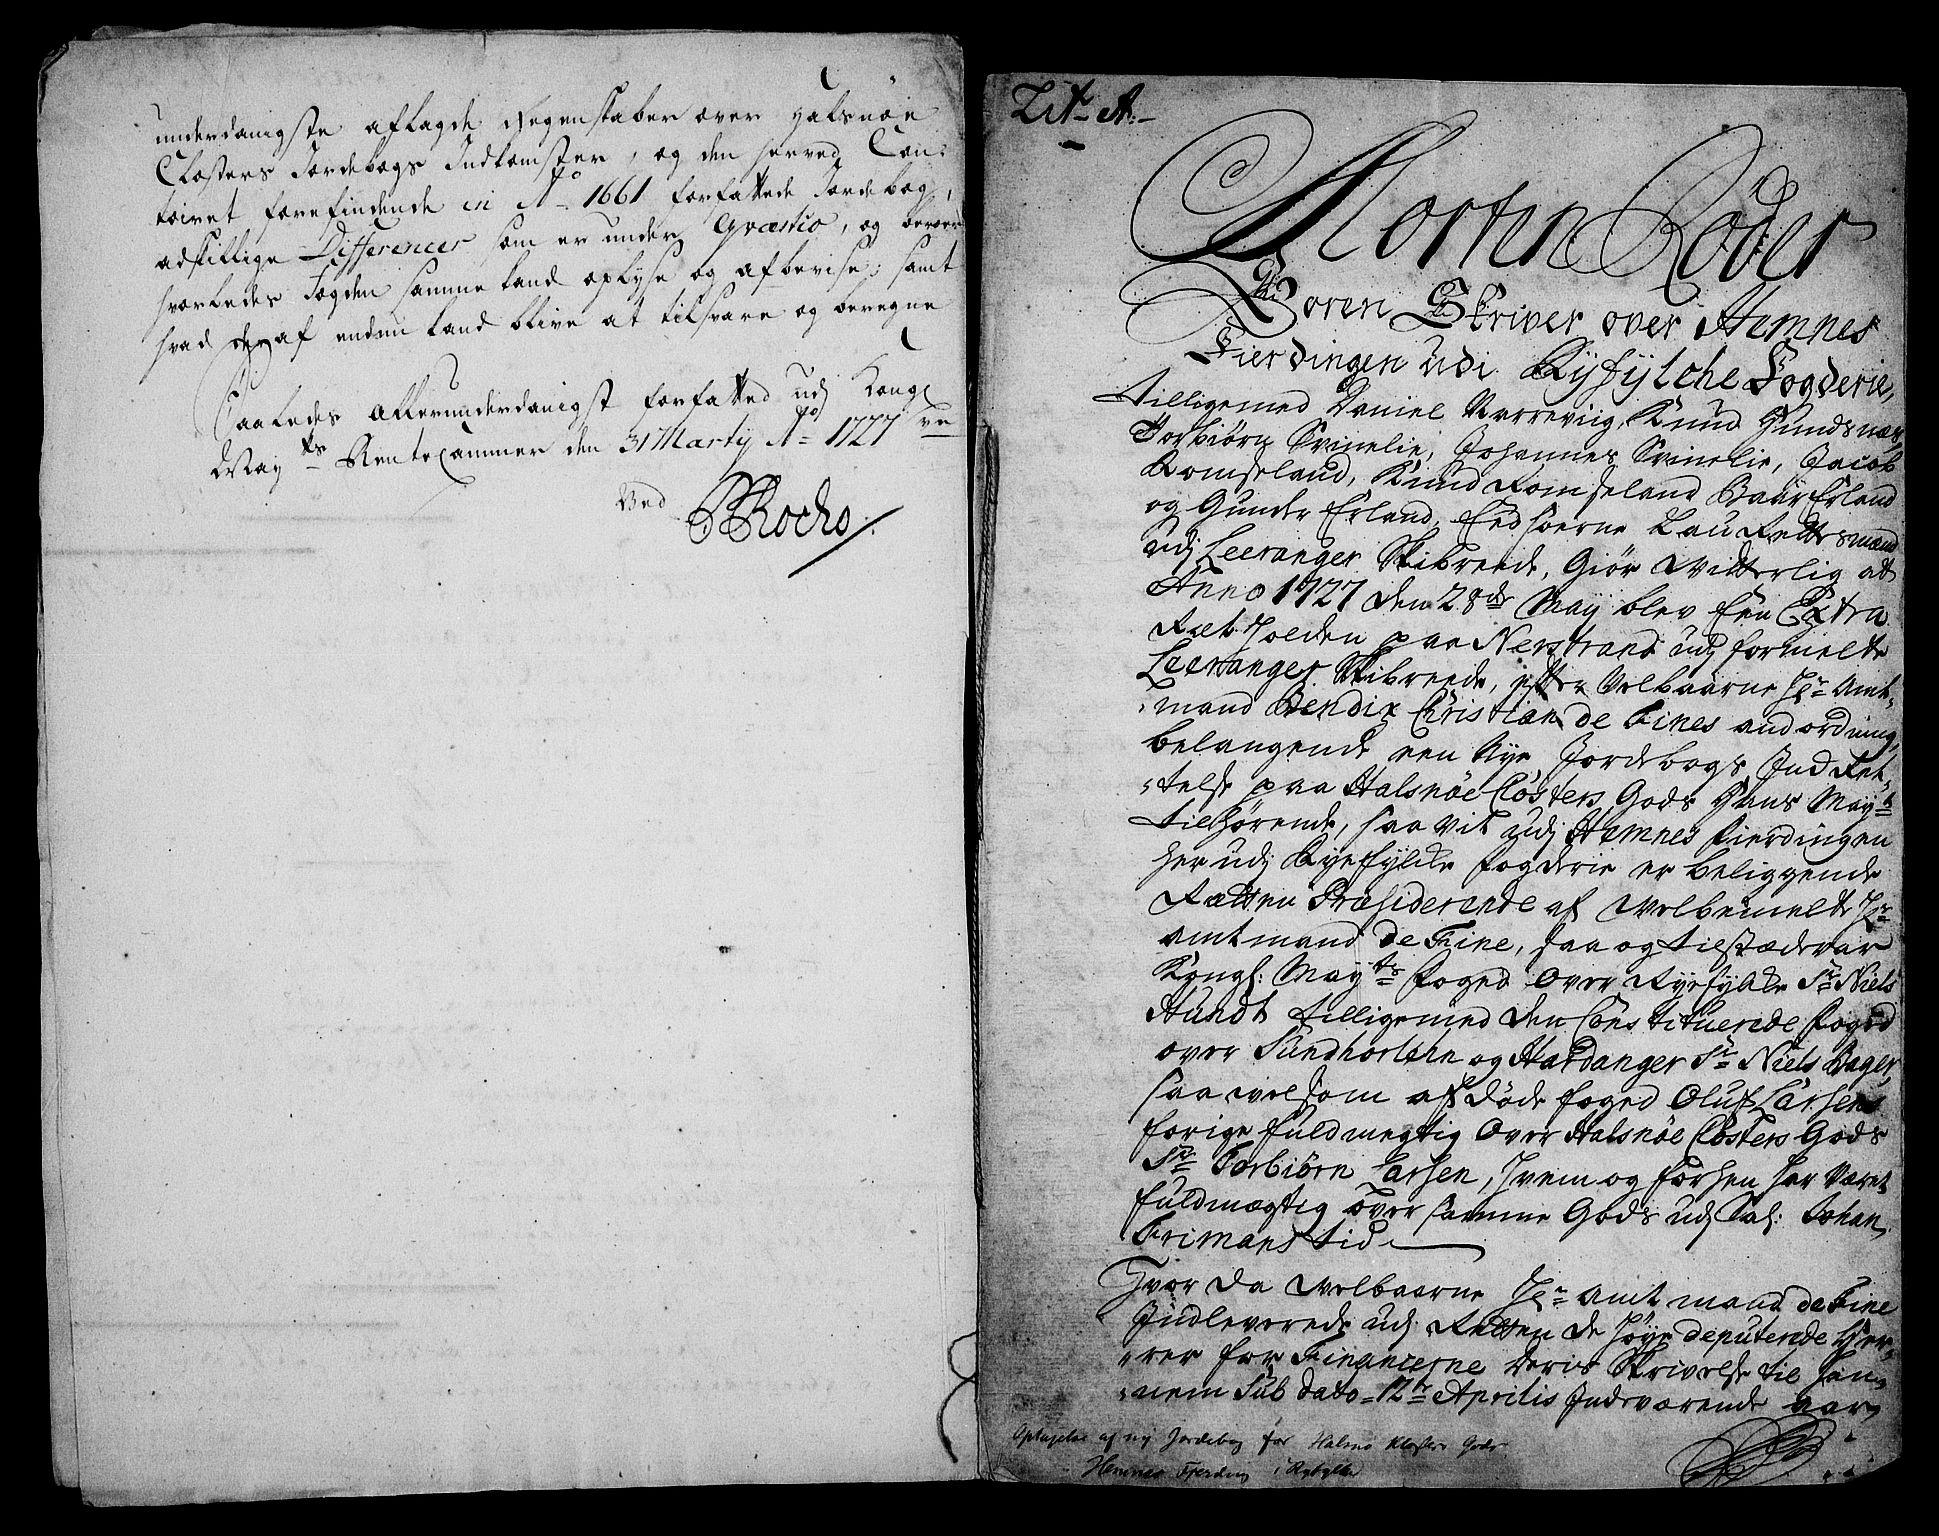 RA, Rentekammeret inntil 1814, Realistisk ordnet avdeling, On/L0003: [Jj 4]: Kommisjonsforretning over Vilhelm Hanssøns forpaktning av Halsnøy klosters gods, 1721-1729, s. 231